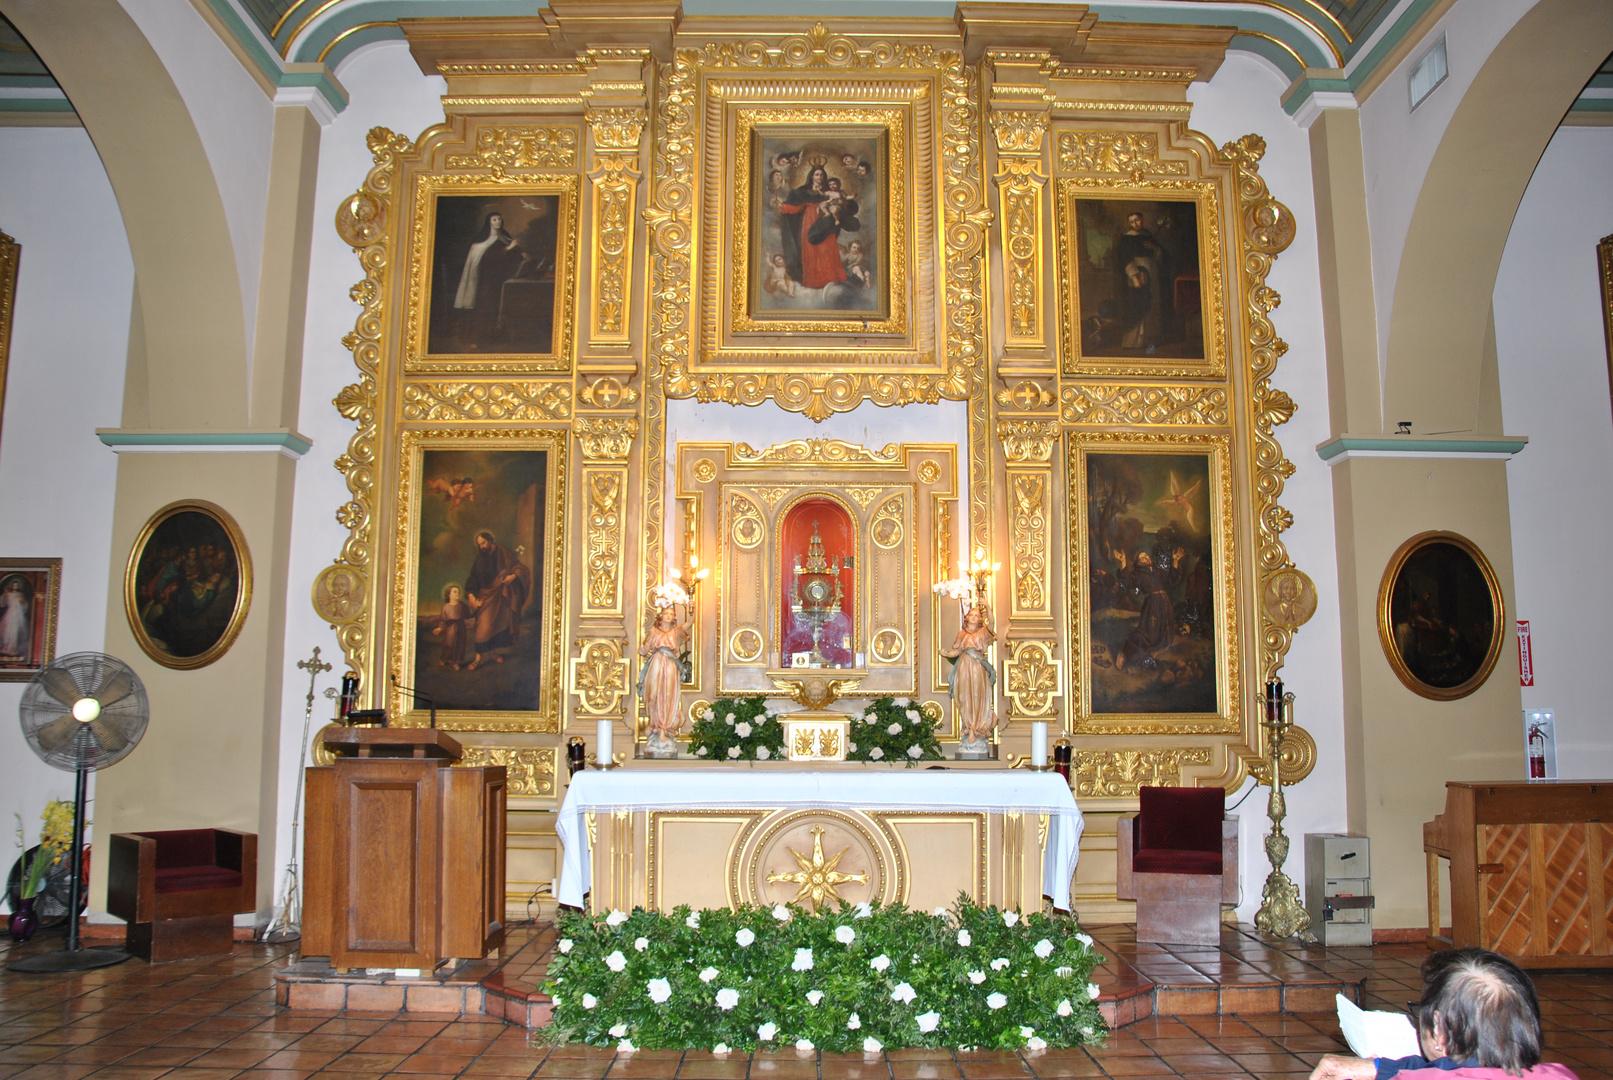 La Iglesia de Nuestra Señora Reina de los Angeles.1